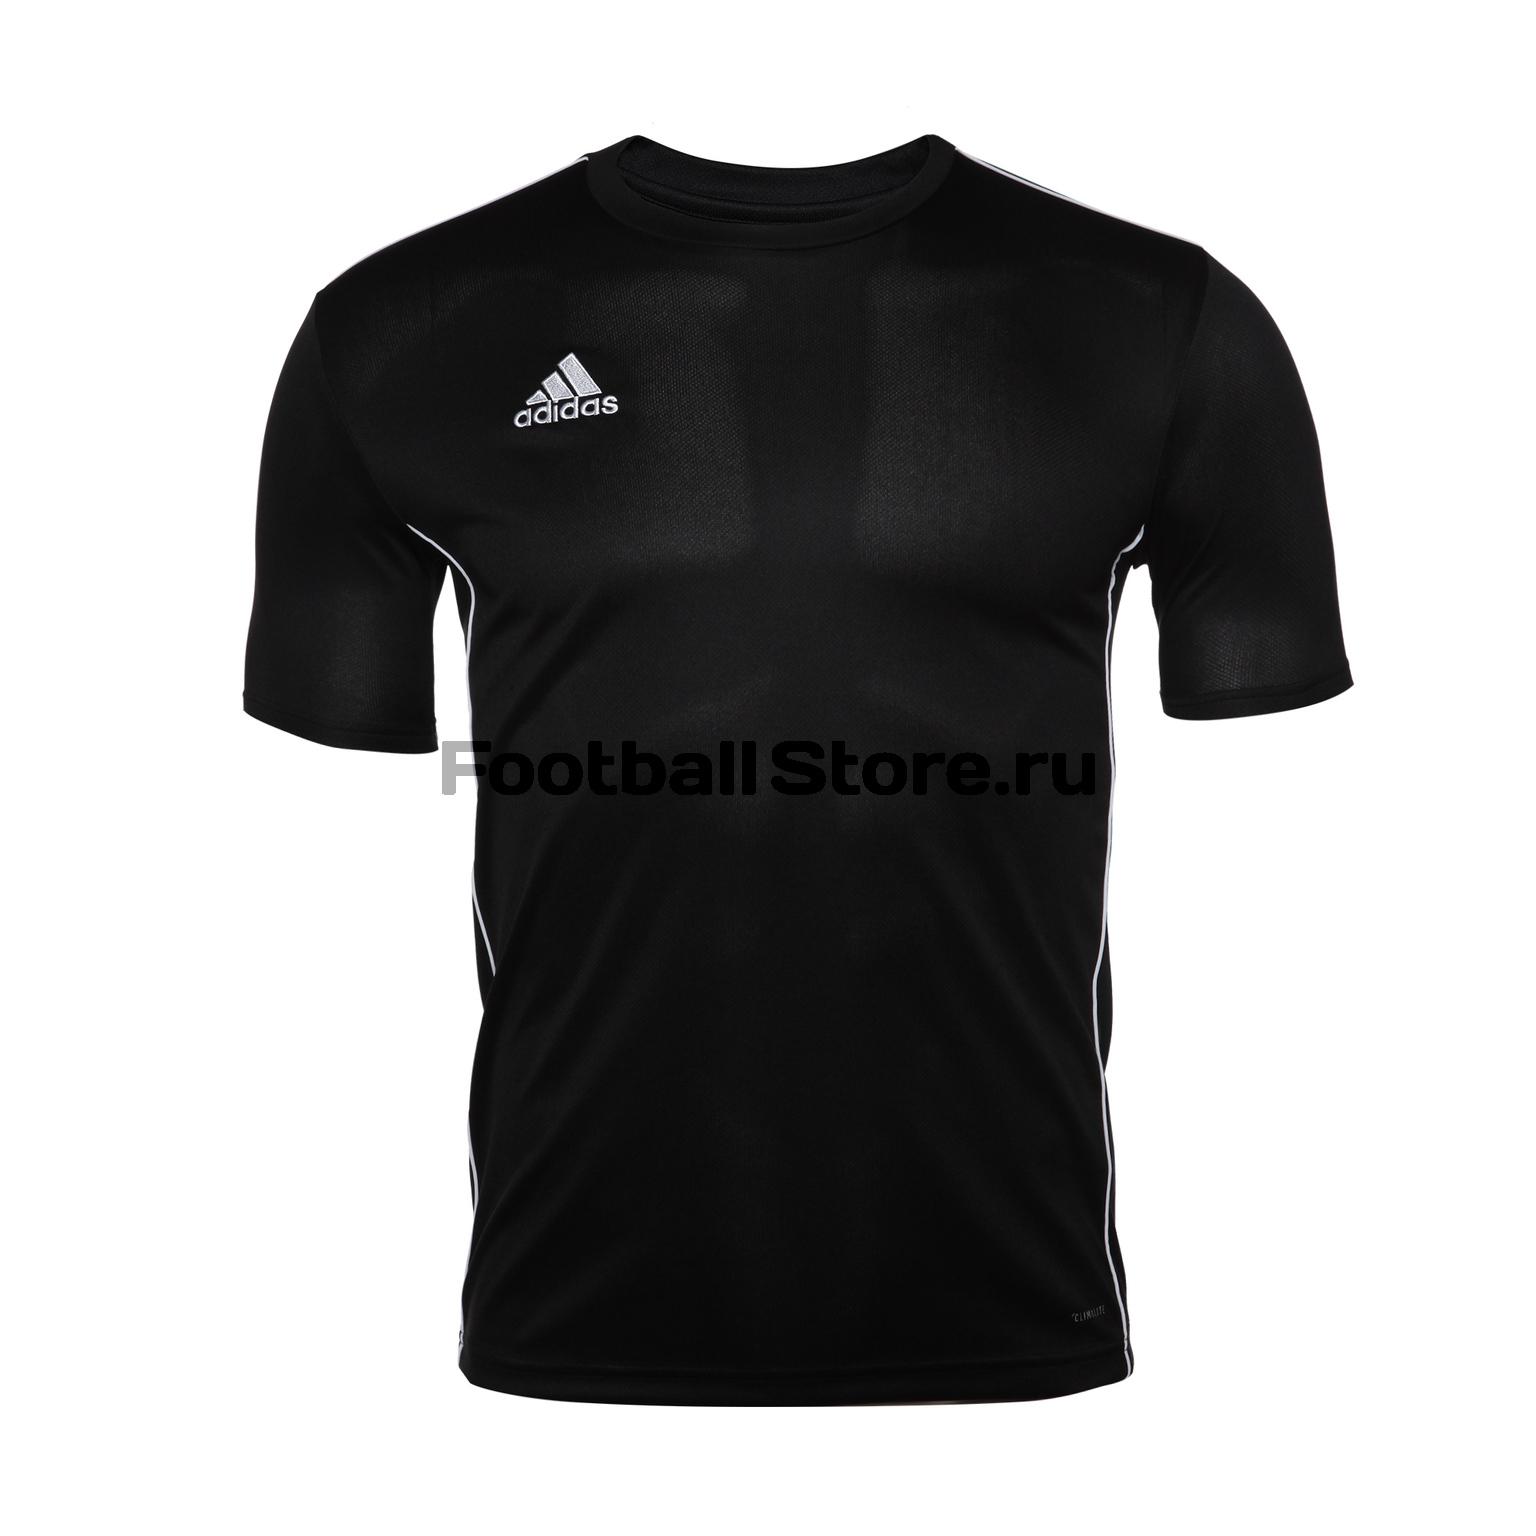 Футболка тренировочная Adidas Core18 JSY CE9021 футболка тренировочная adidas con18 cg0352